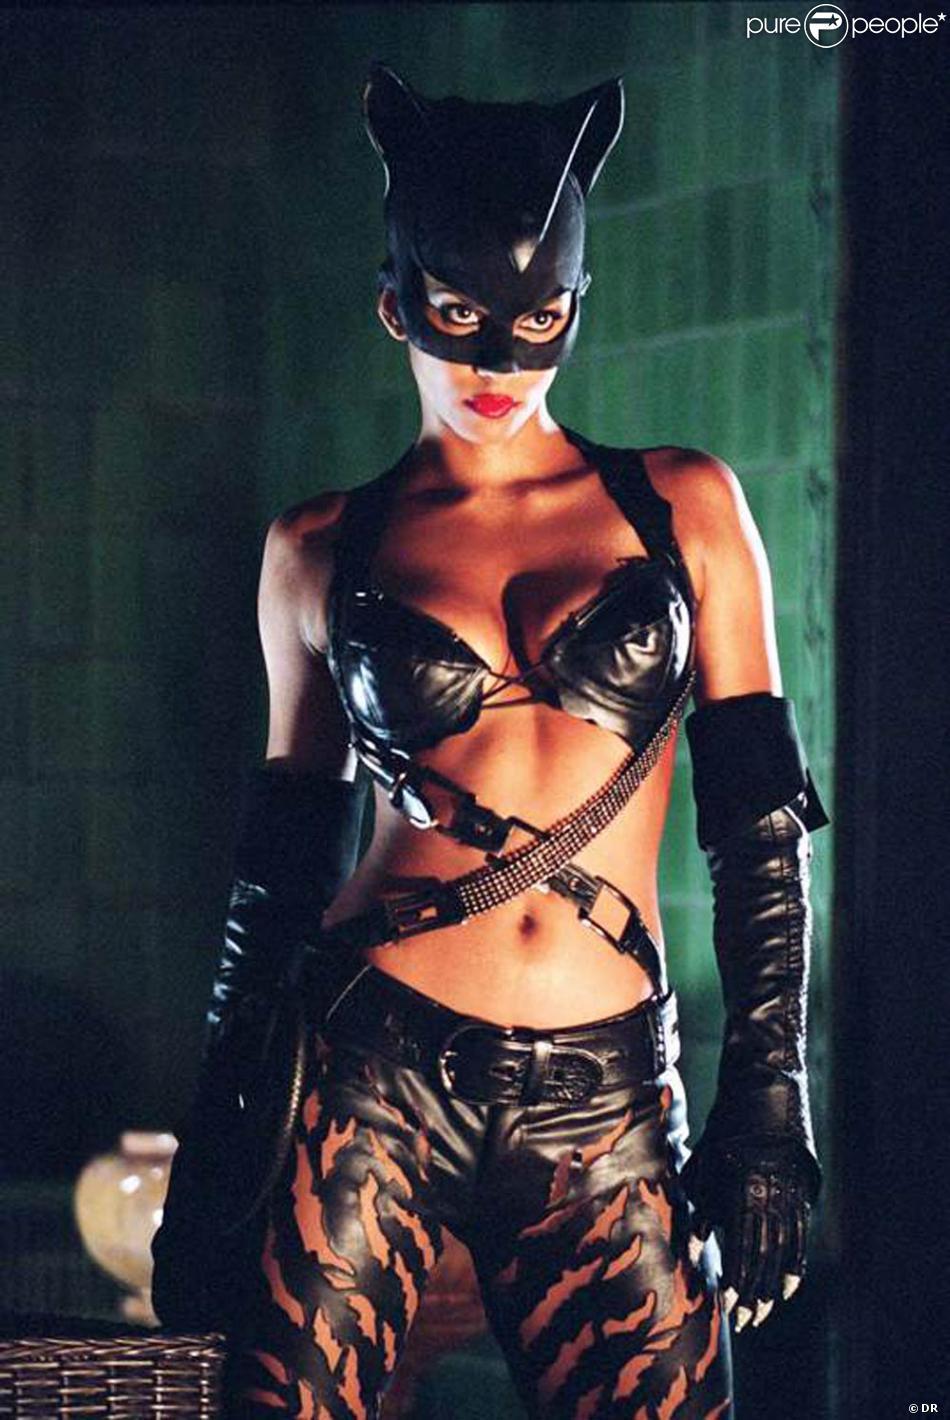 [Jeu] Association d'images - Page 18 549370-des-images-de-catwoman-sorti-en-2003-950x0-2